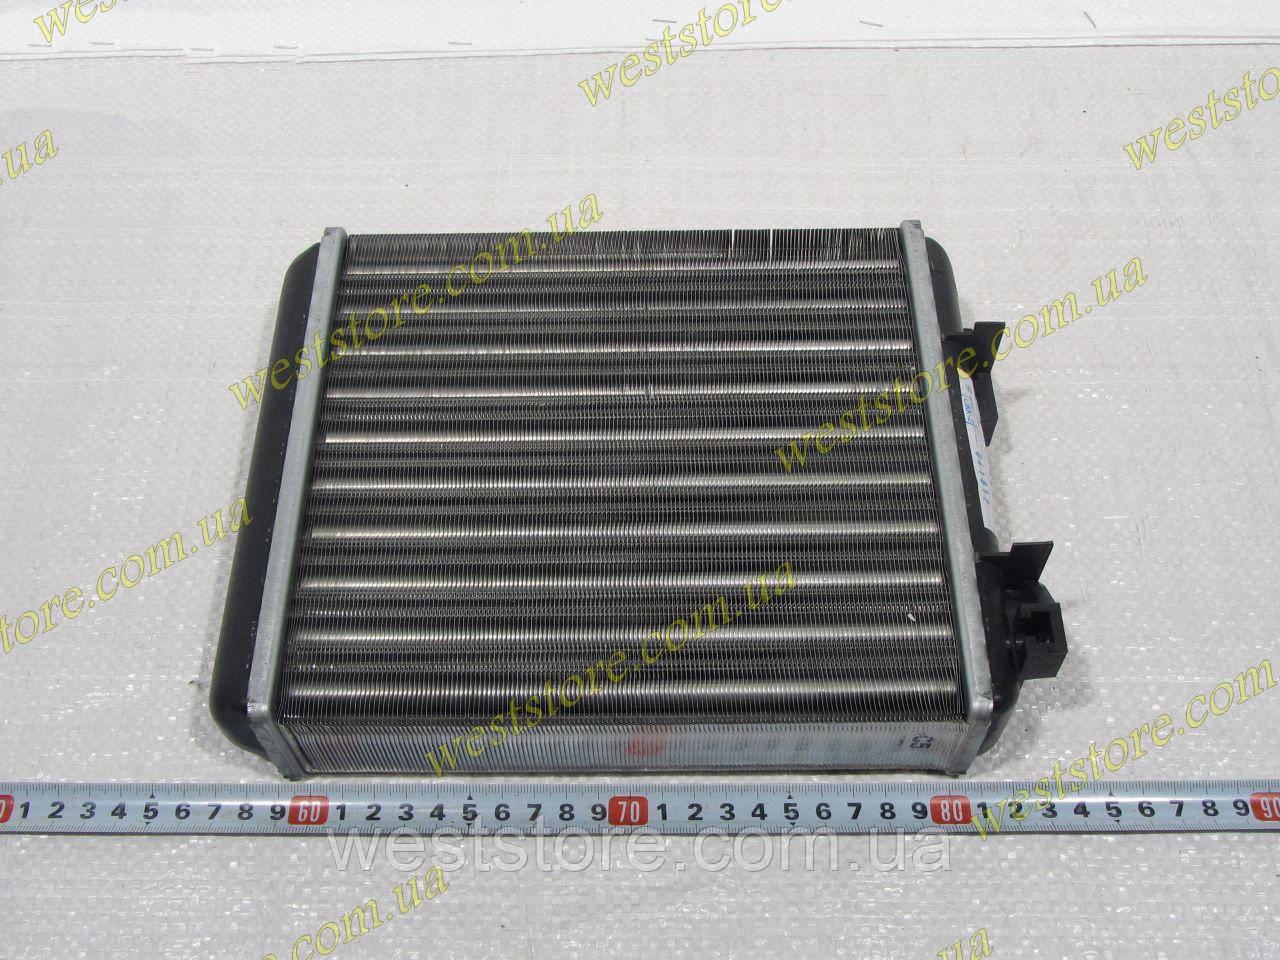 Радиатор отопителя печки Ваз 2104, 2105,2107 ЛУЗАР Luzar (алюм) (LRh 0106)